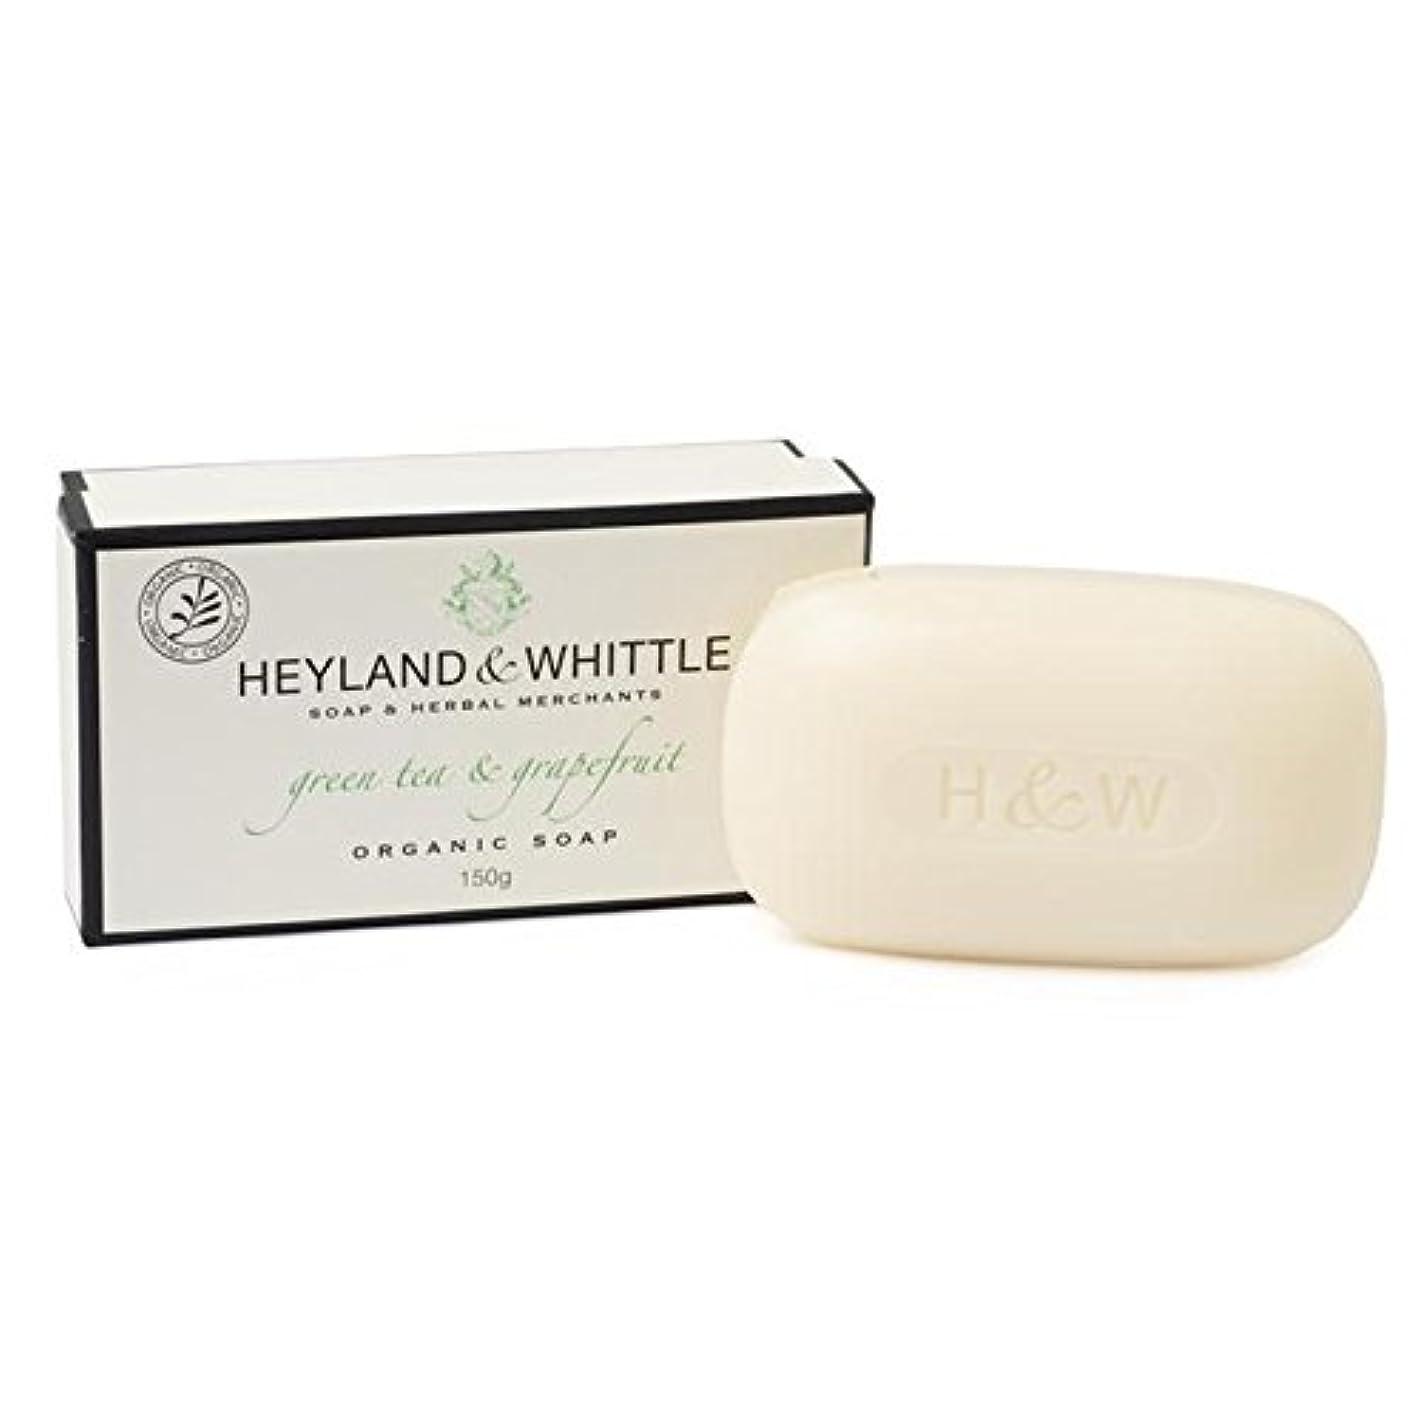 重要性監査診断するHeyland & Whittle Green Tea & Grapefruit Boxed Organic Soap 150g - &削る緑茶&グレープフルーツはオーガニックソープ150グラム箱入り [並行輸入品]